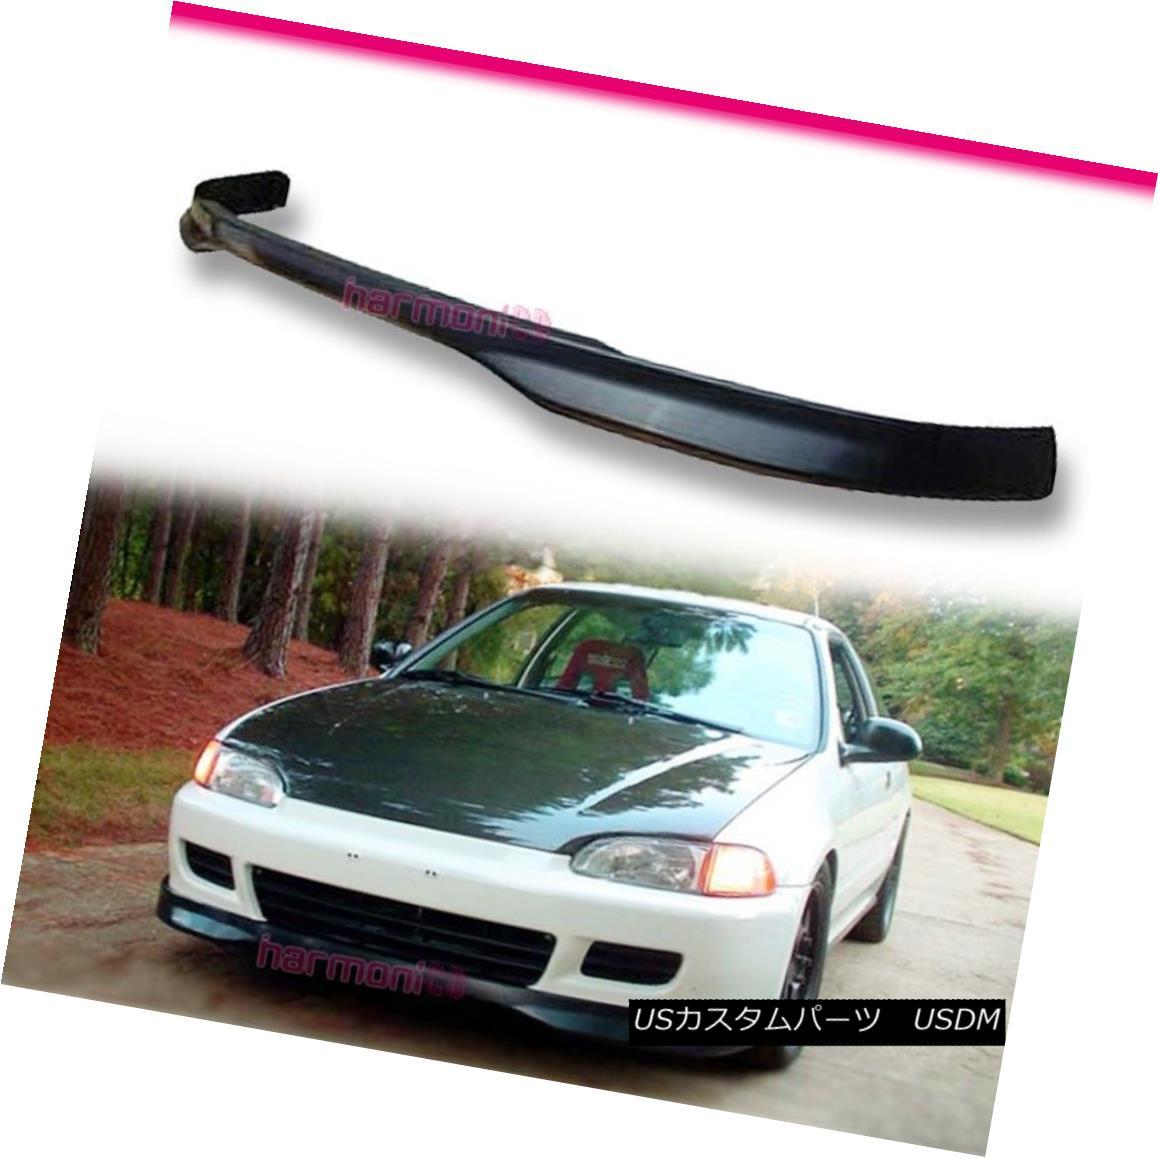 大人気の エアロパーツ Fits 92-95 Honda Civic EG Hatch Coupe TR Front Bumper Lip Spoiler 2 3 Door PU フィット92-95ホンダシビックEGハッチクーペTRフロントバンパーリップスポイラー2 3ドアPU, アイニックス オンラインショップ 9cd6213a